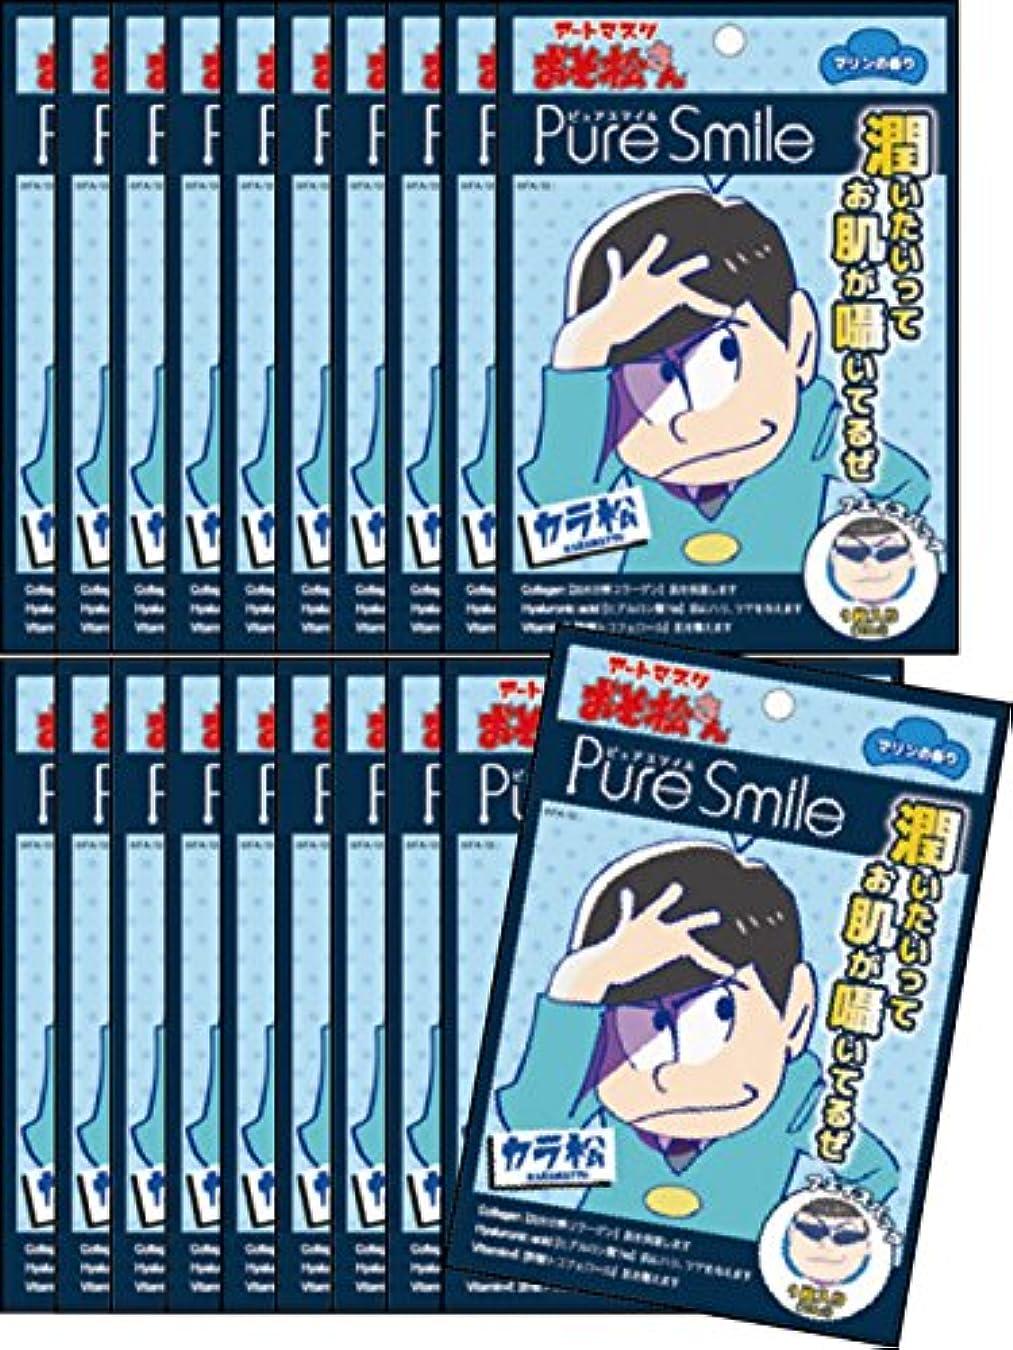 生不快関与するピュアスマイル 『おそ松さんアートマスク』(カラ松柄/マリンの香り)20枚セット